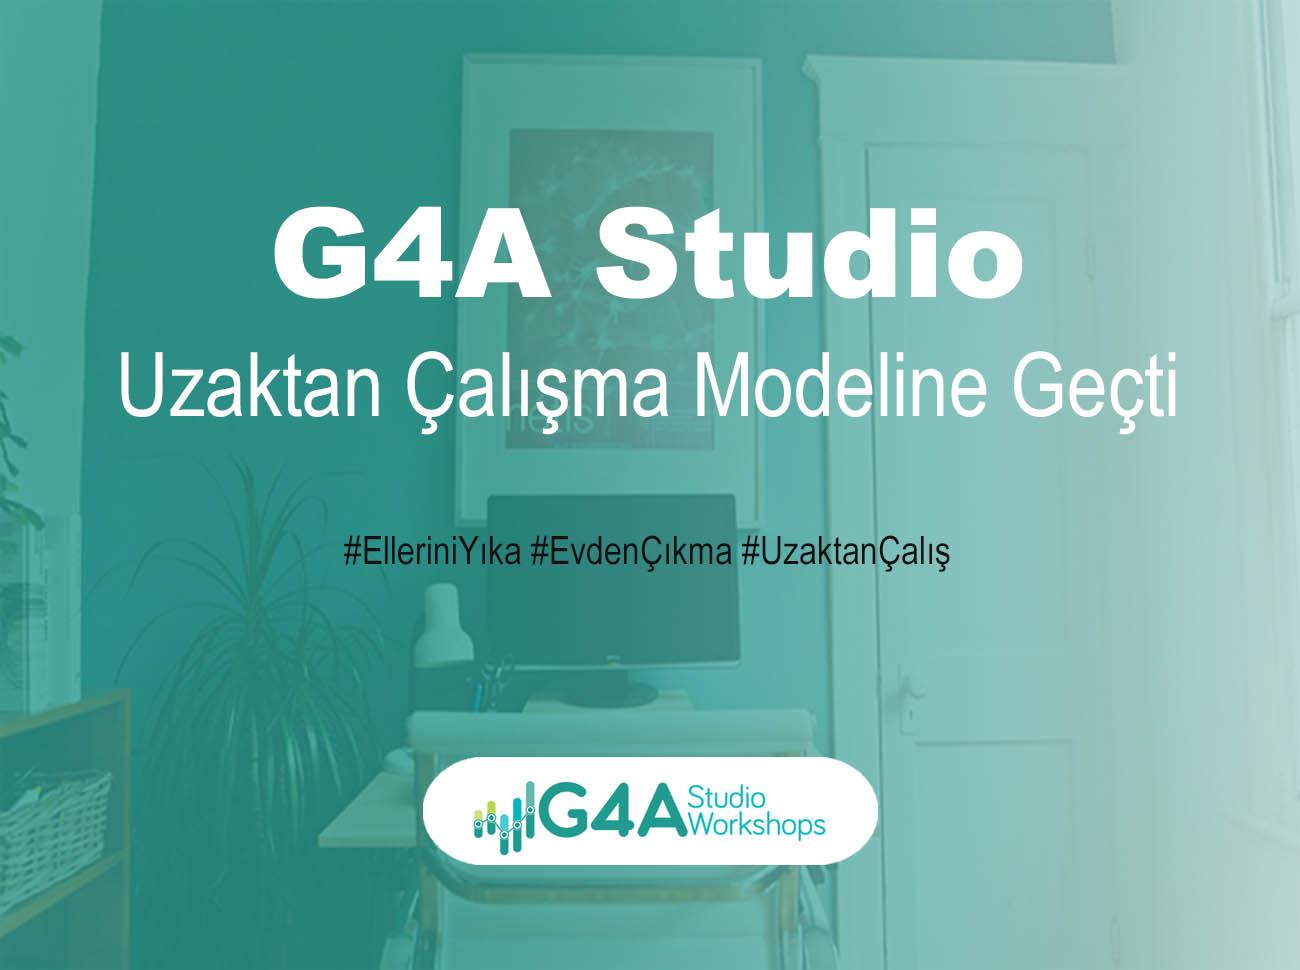 G4A Studio Uzaktan Çalışma Modeline Geçti